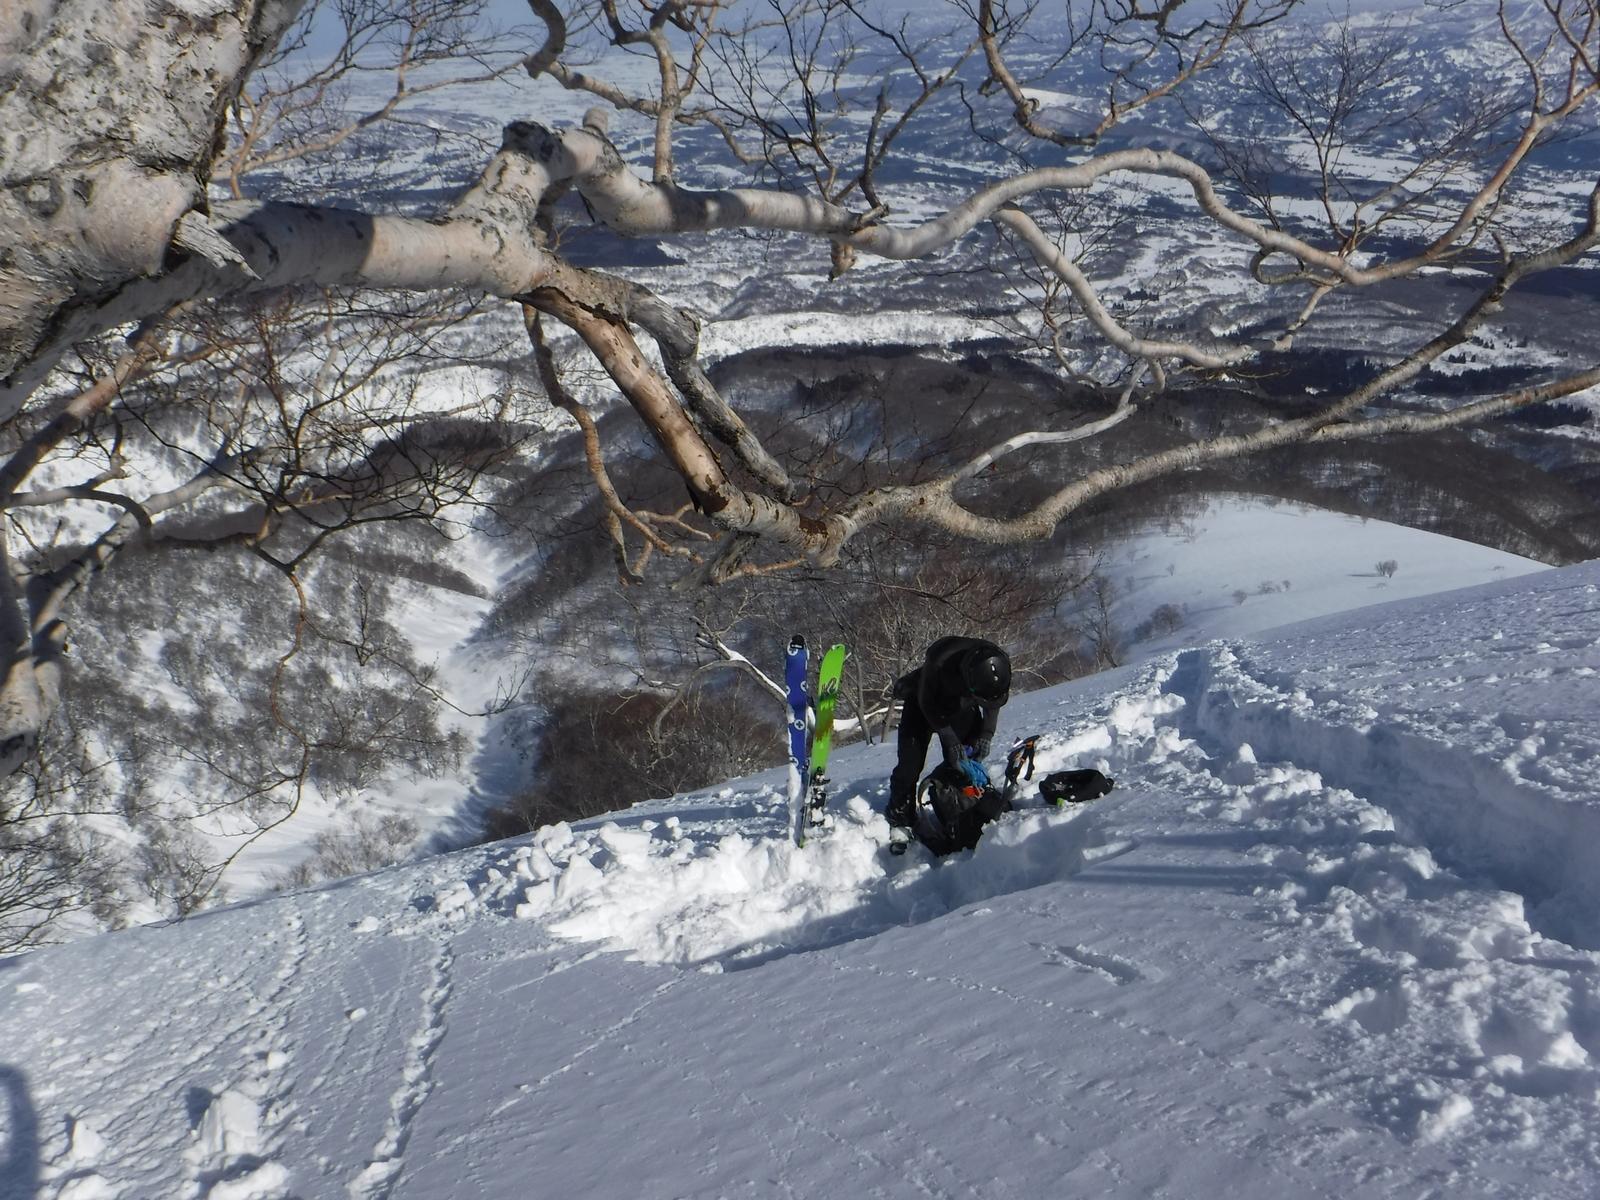 11:50 1600m付近でピットチェック、積雪2.5m程度